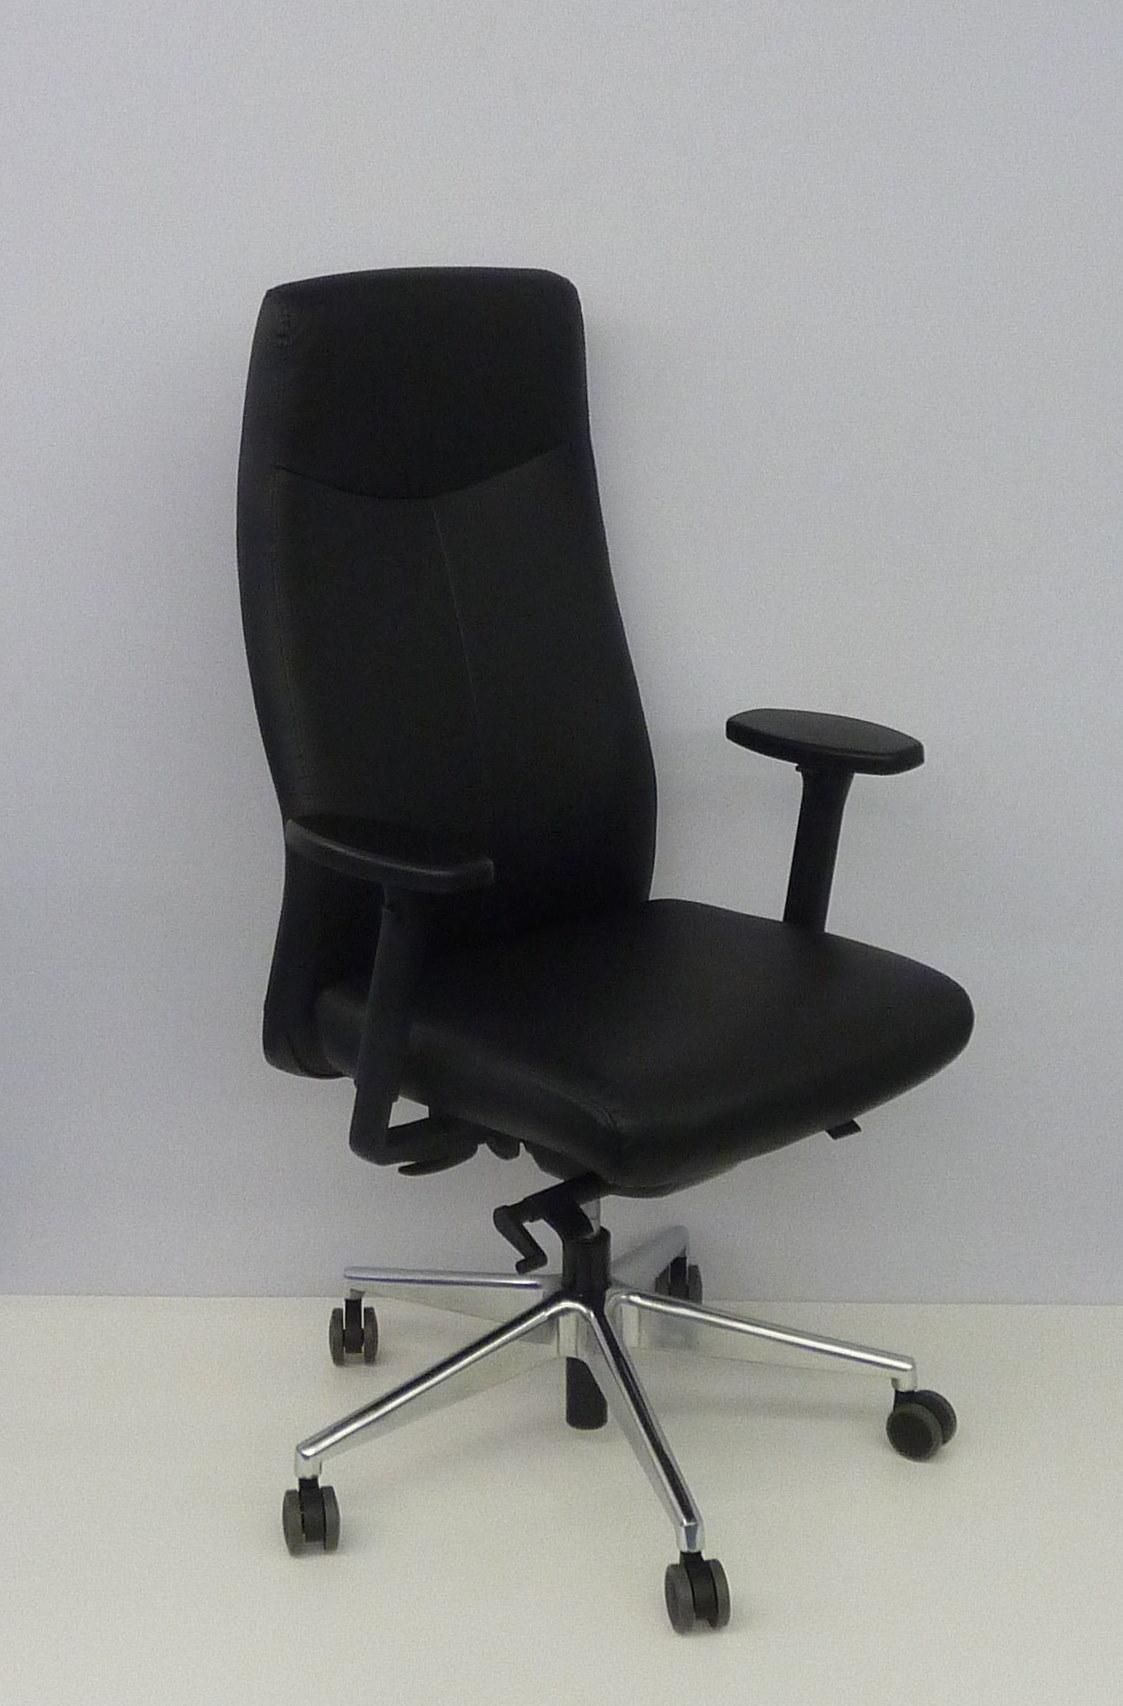 ROVO XL 5910 2